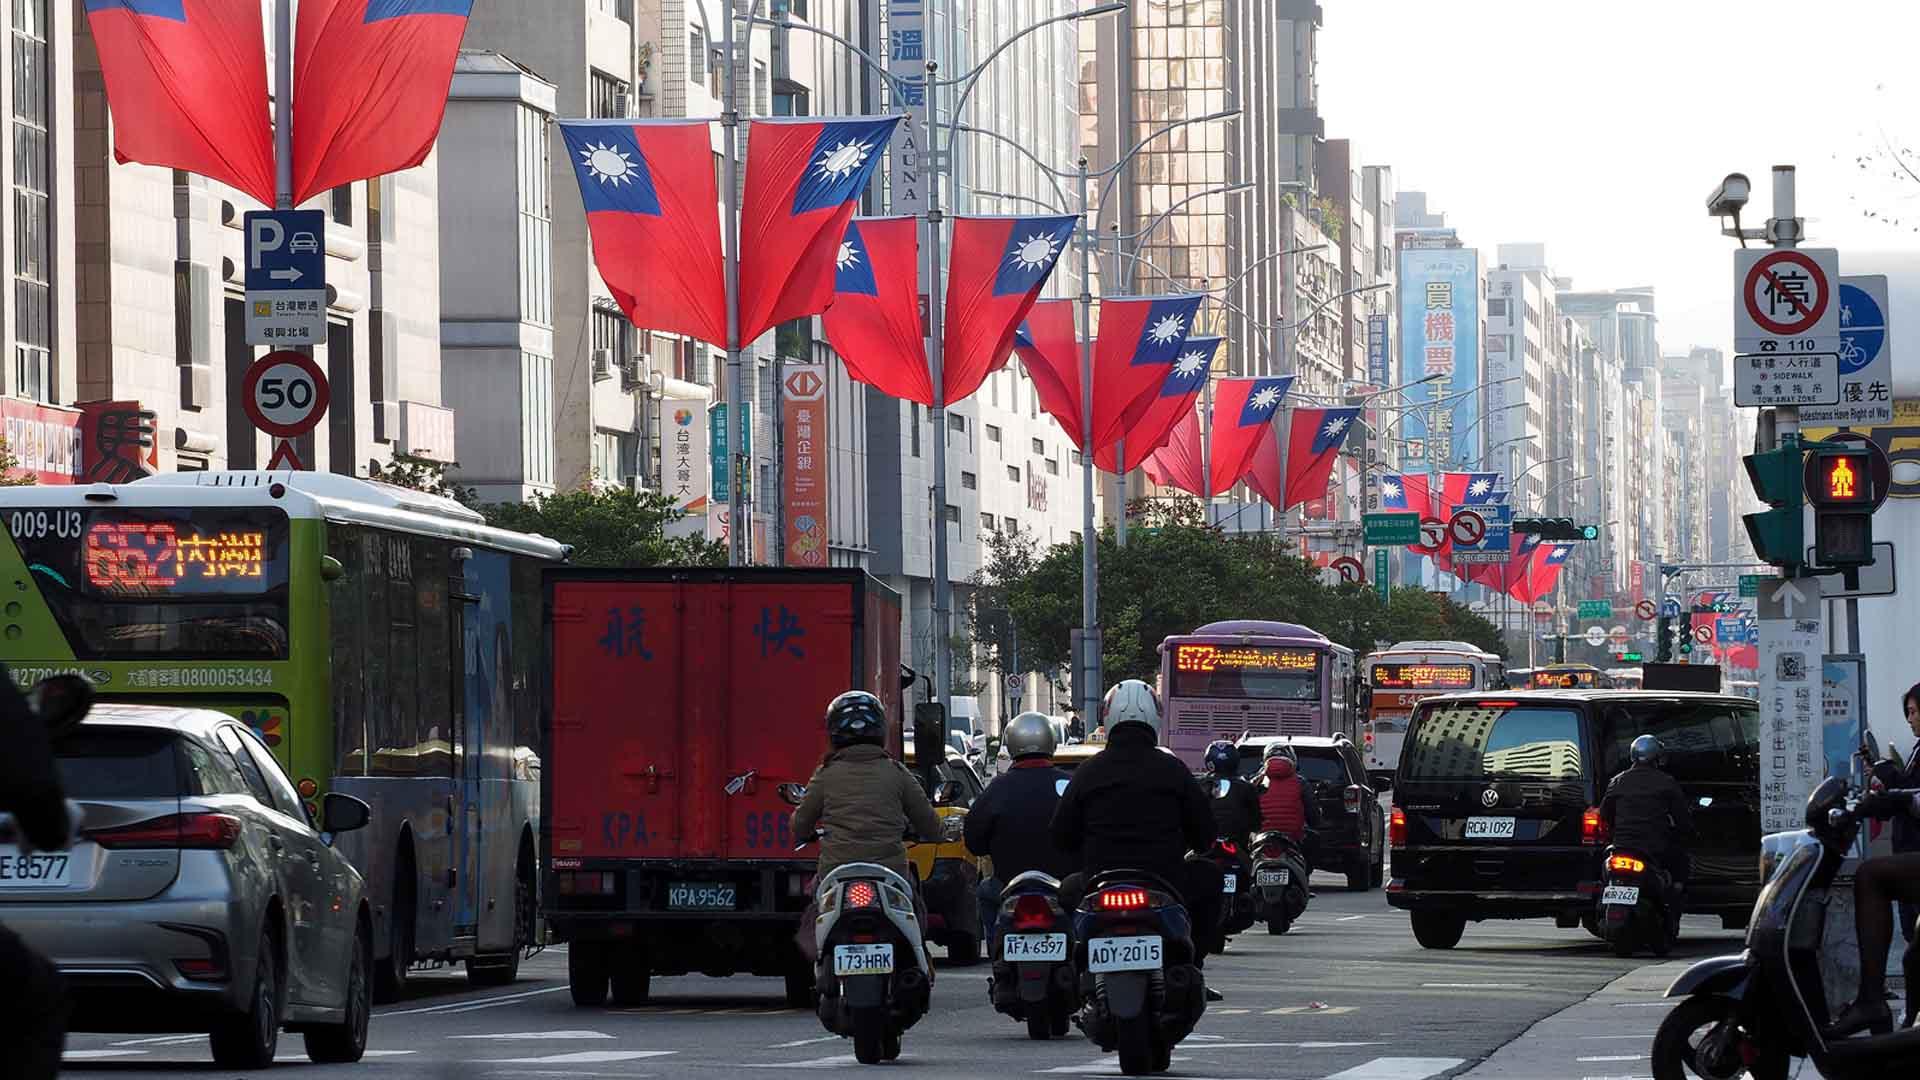 대만도 중국 이어 CPTPP 가입 공식화…양안 긴장 고조될듯